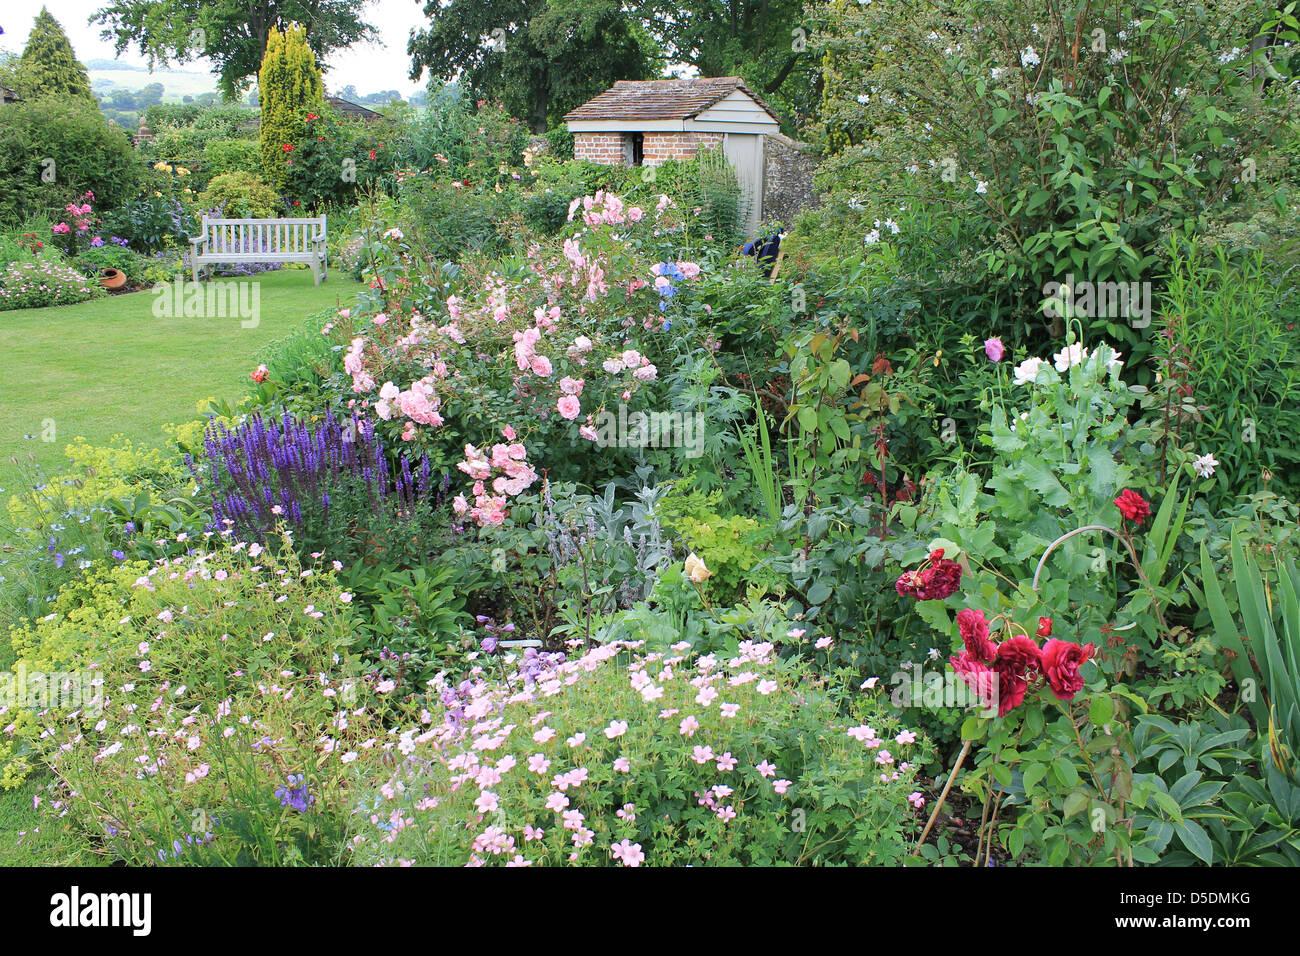 Beautiful English cottage garden at Exton, Hampshire, UK - Stock Image